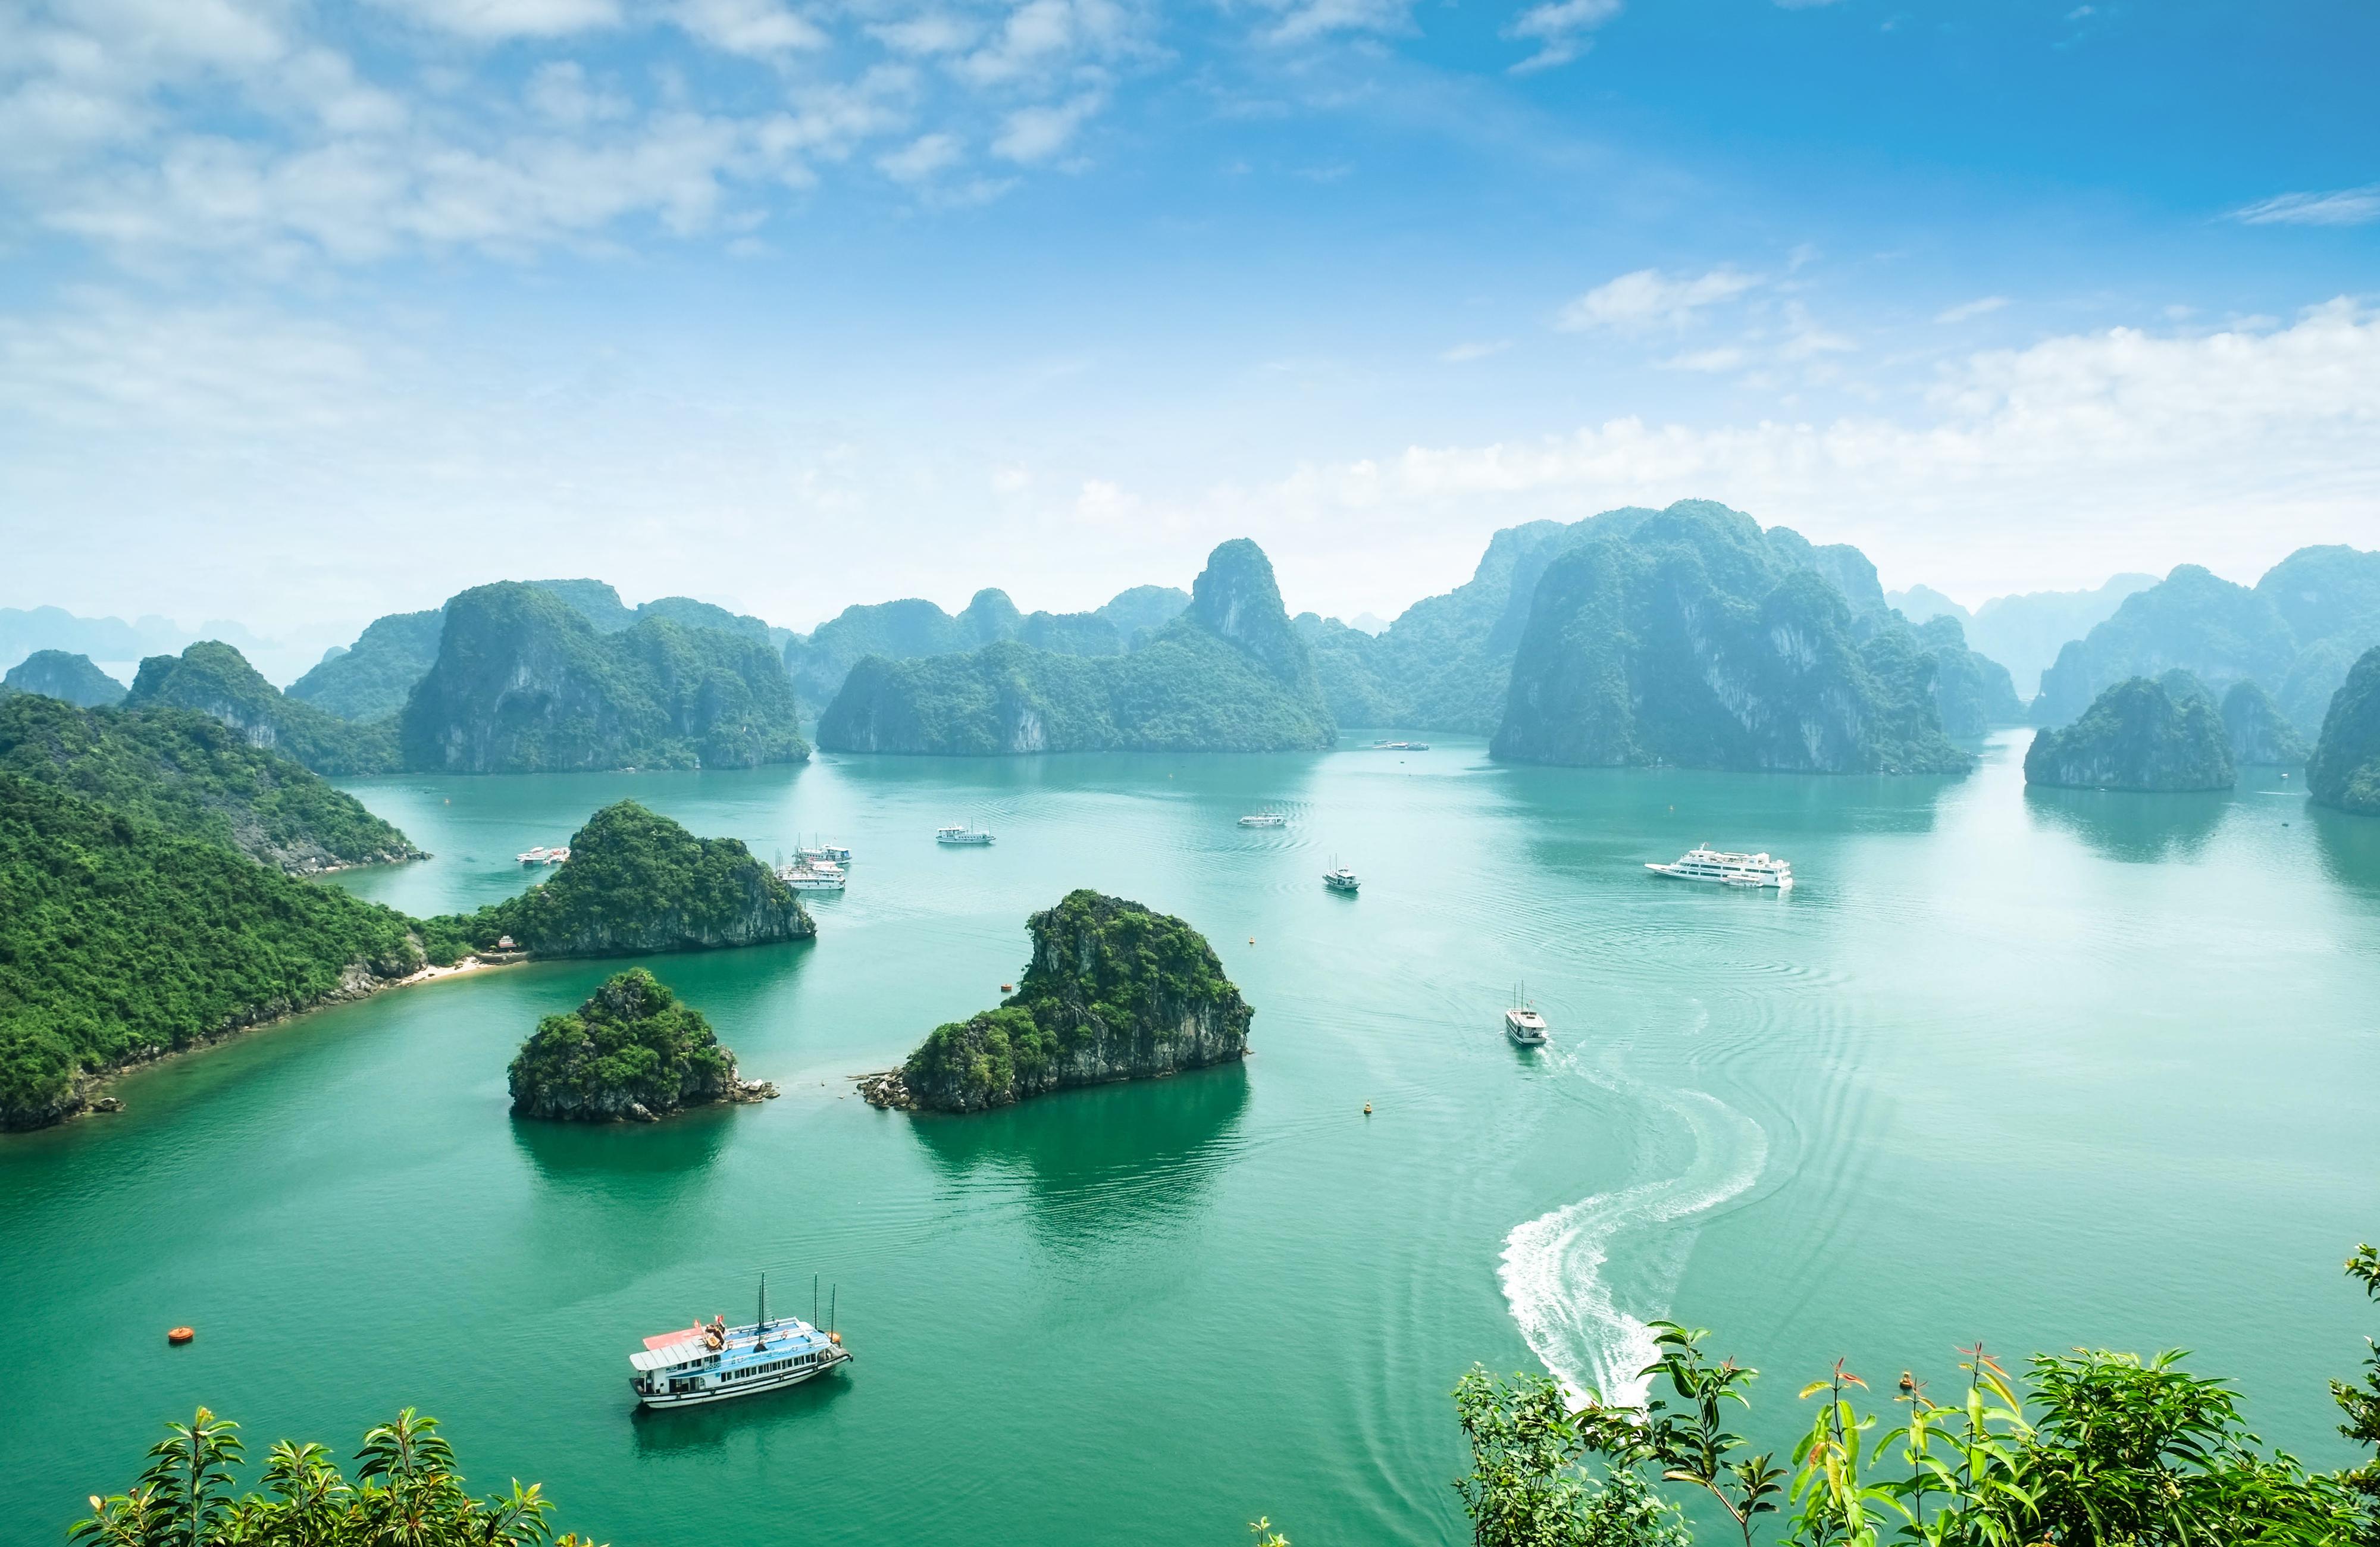 La Bahía de Halong, una maravilla natural - Vietnam Gran Viaje Vietnam Esencial